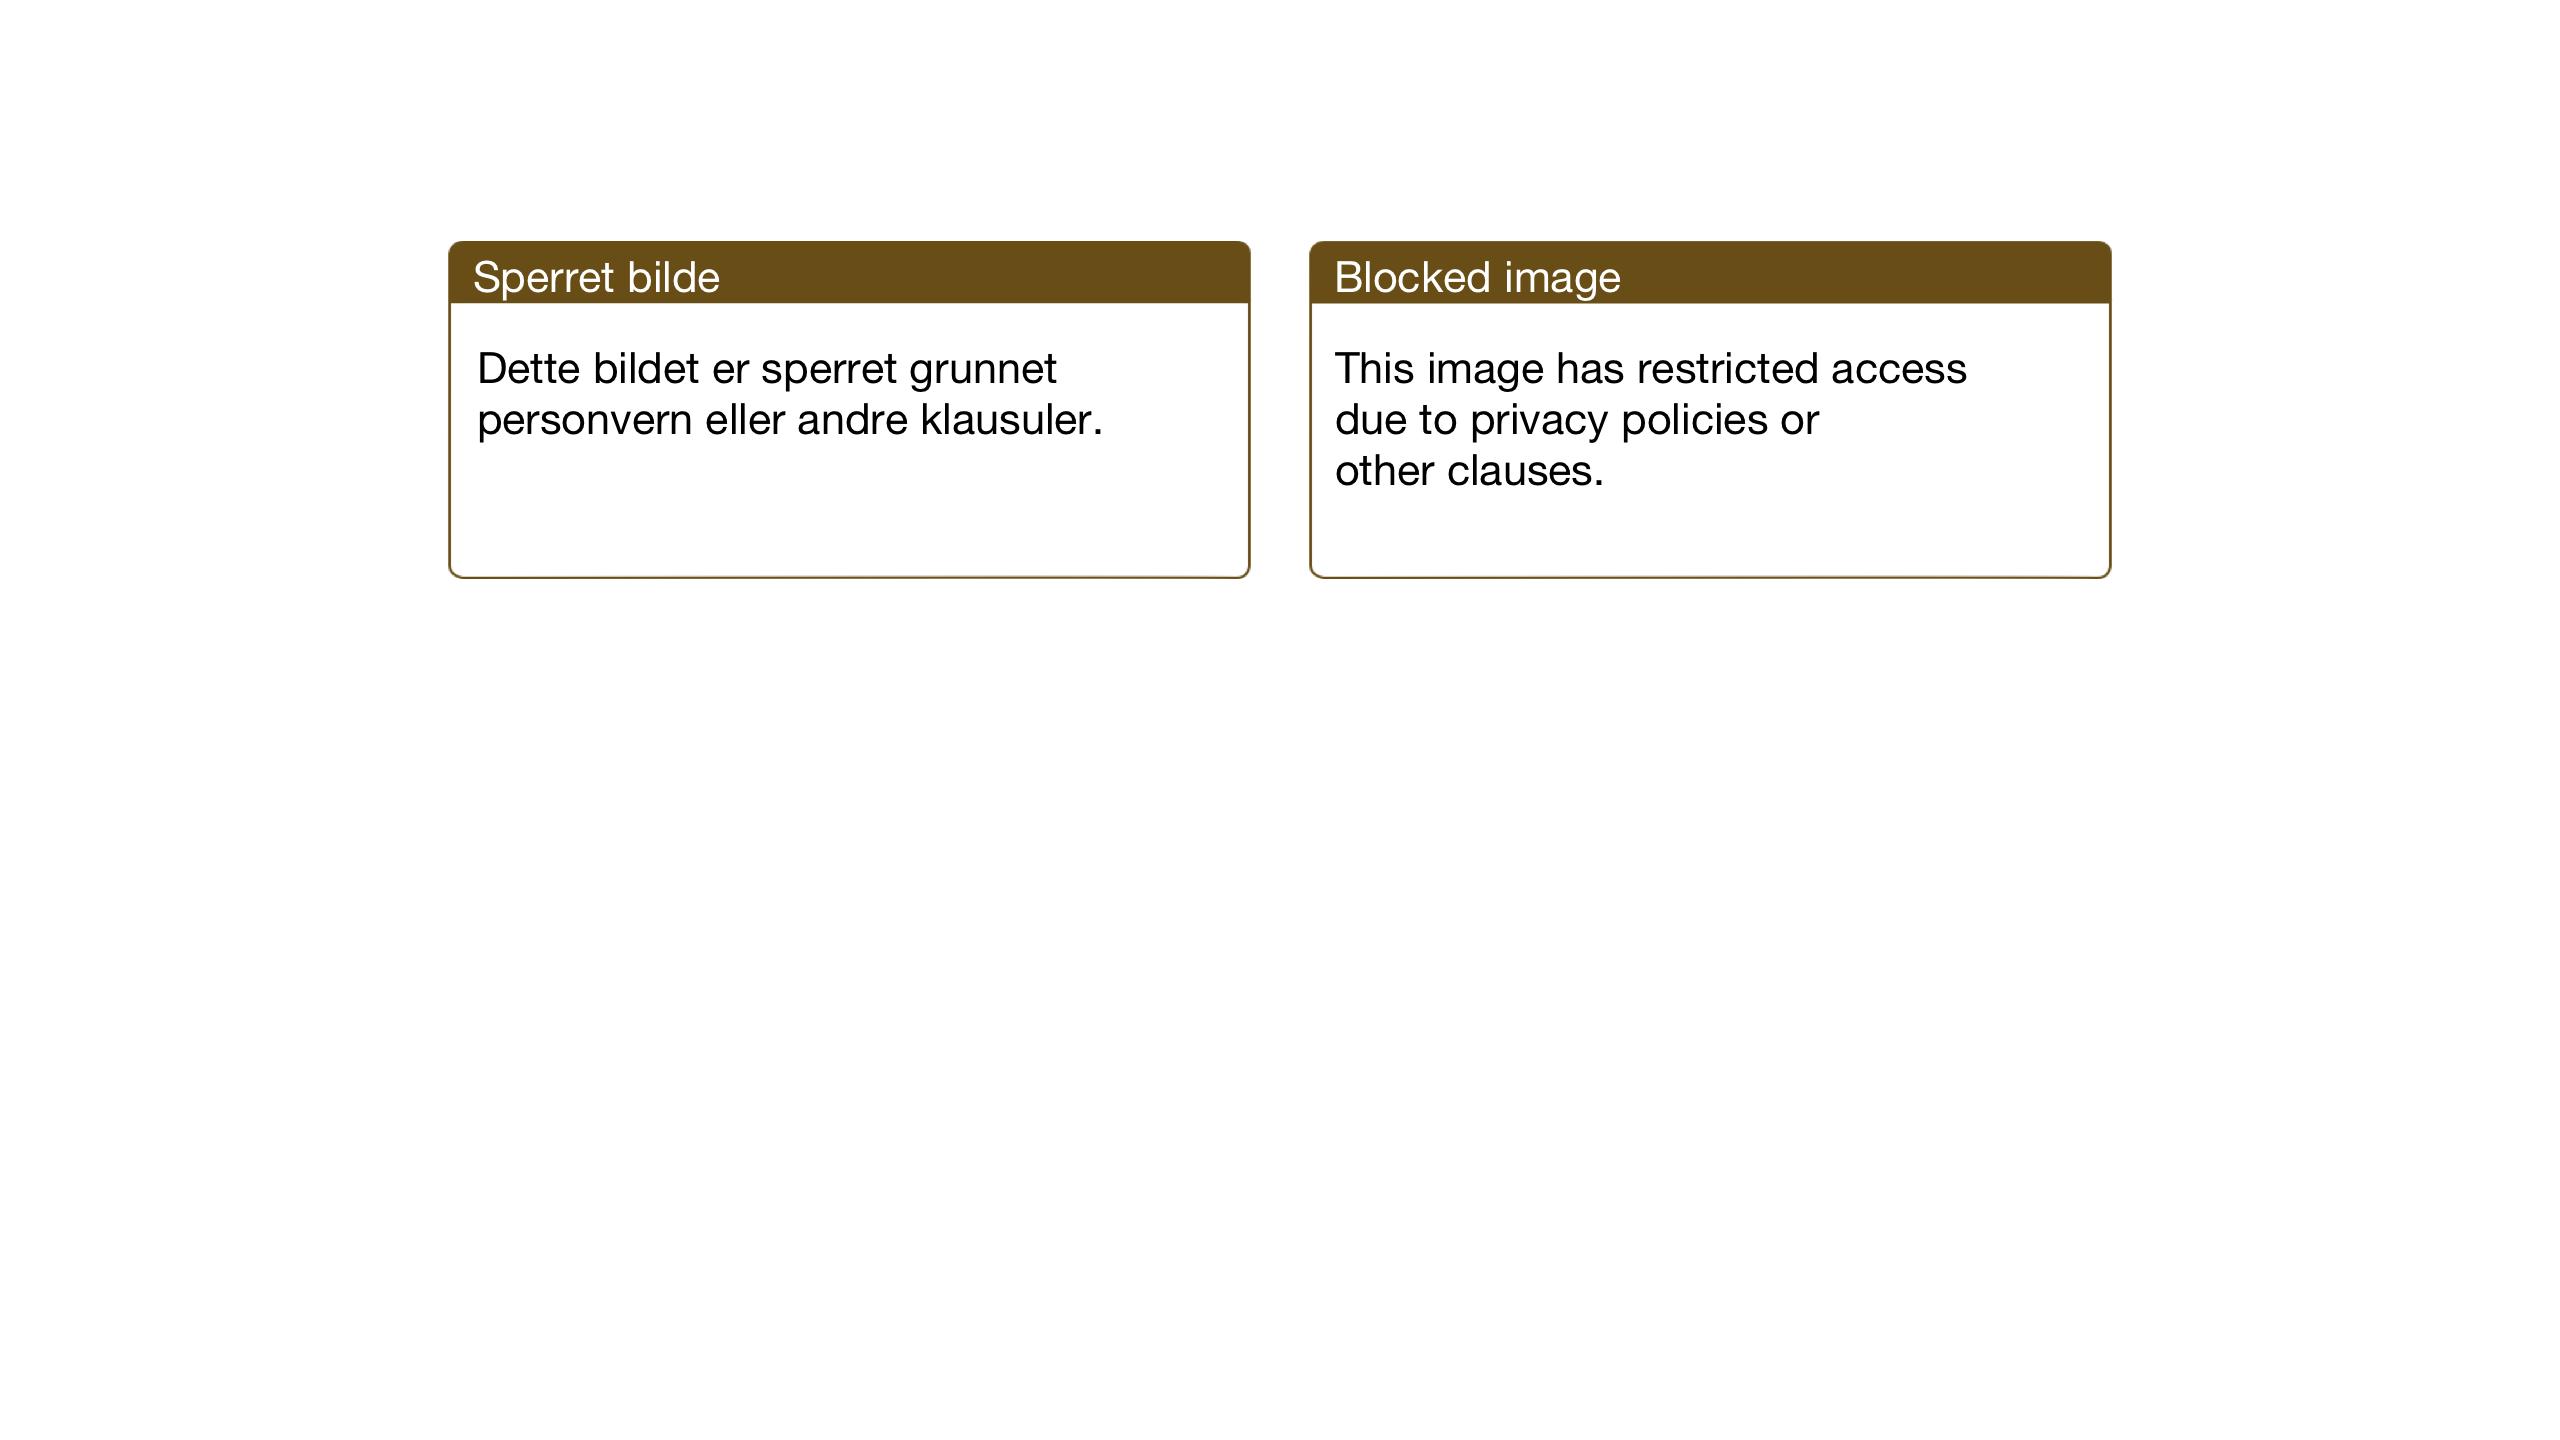 SAT, Ministerialprotokoller, klokkerbøker og fødselsregistre - Sør-Trøndelag, 670/L0837: Klokkerbok nr. 670C01, 1905-1946, s. 180-181